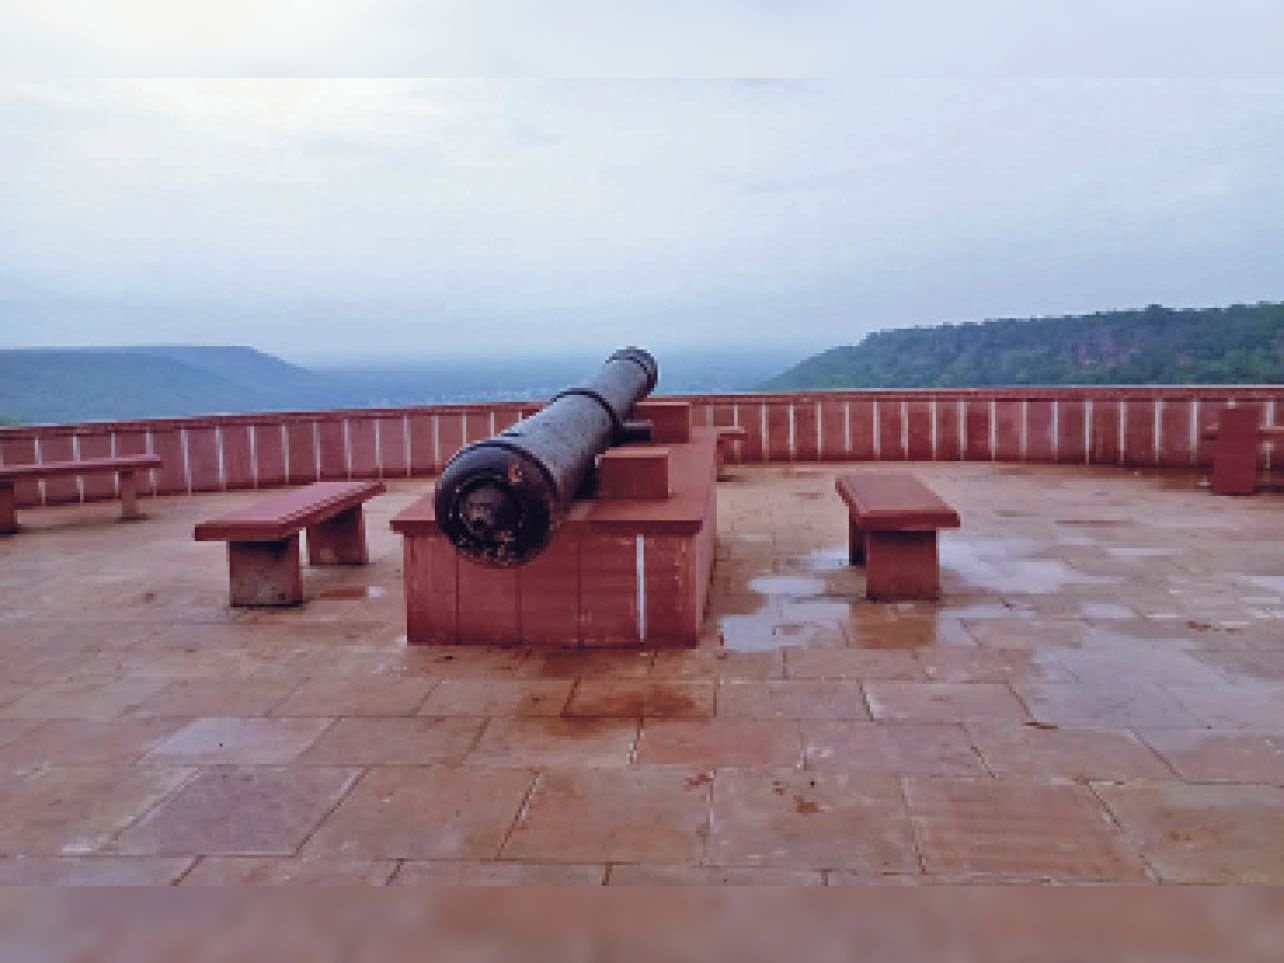 ऐतिहासिक किले पर कई पर्यटक पहुंचते हैं। यहां तड़ित चालक नहीं लगाया गया है। - Dainik Bhaskar